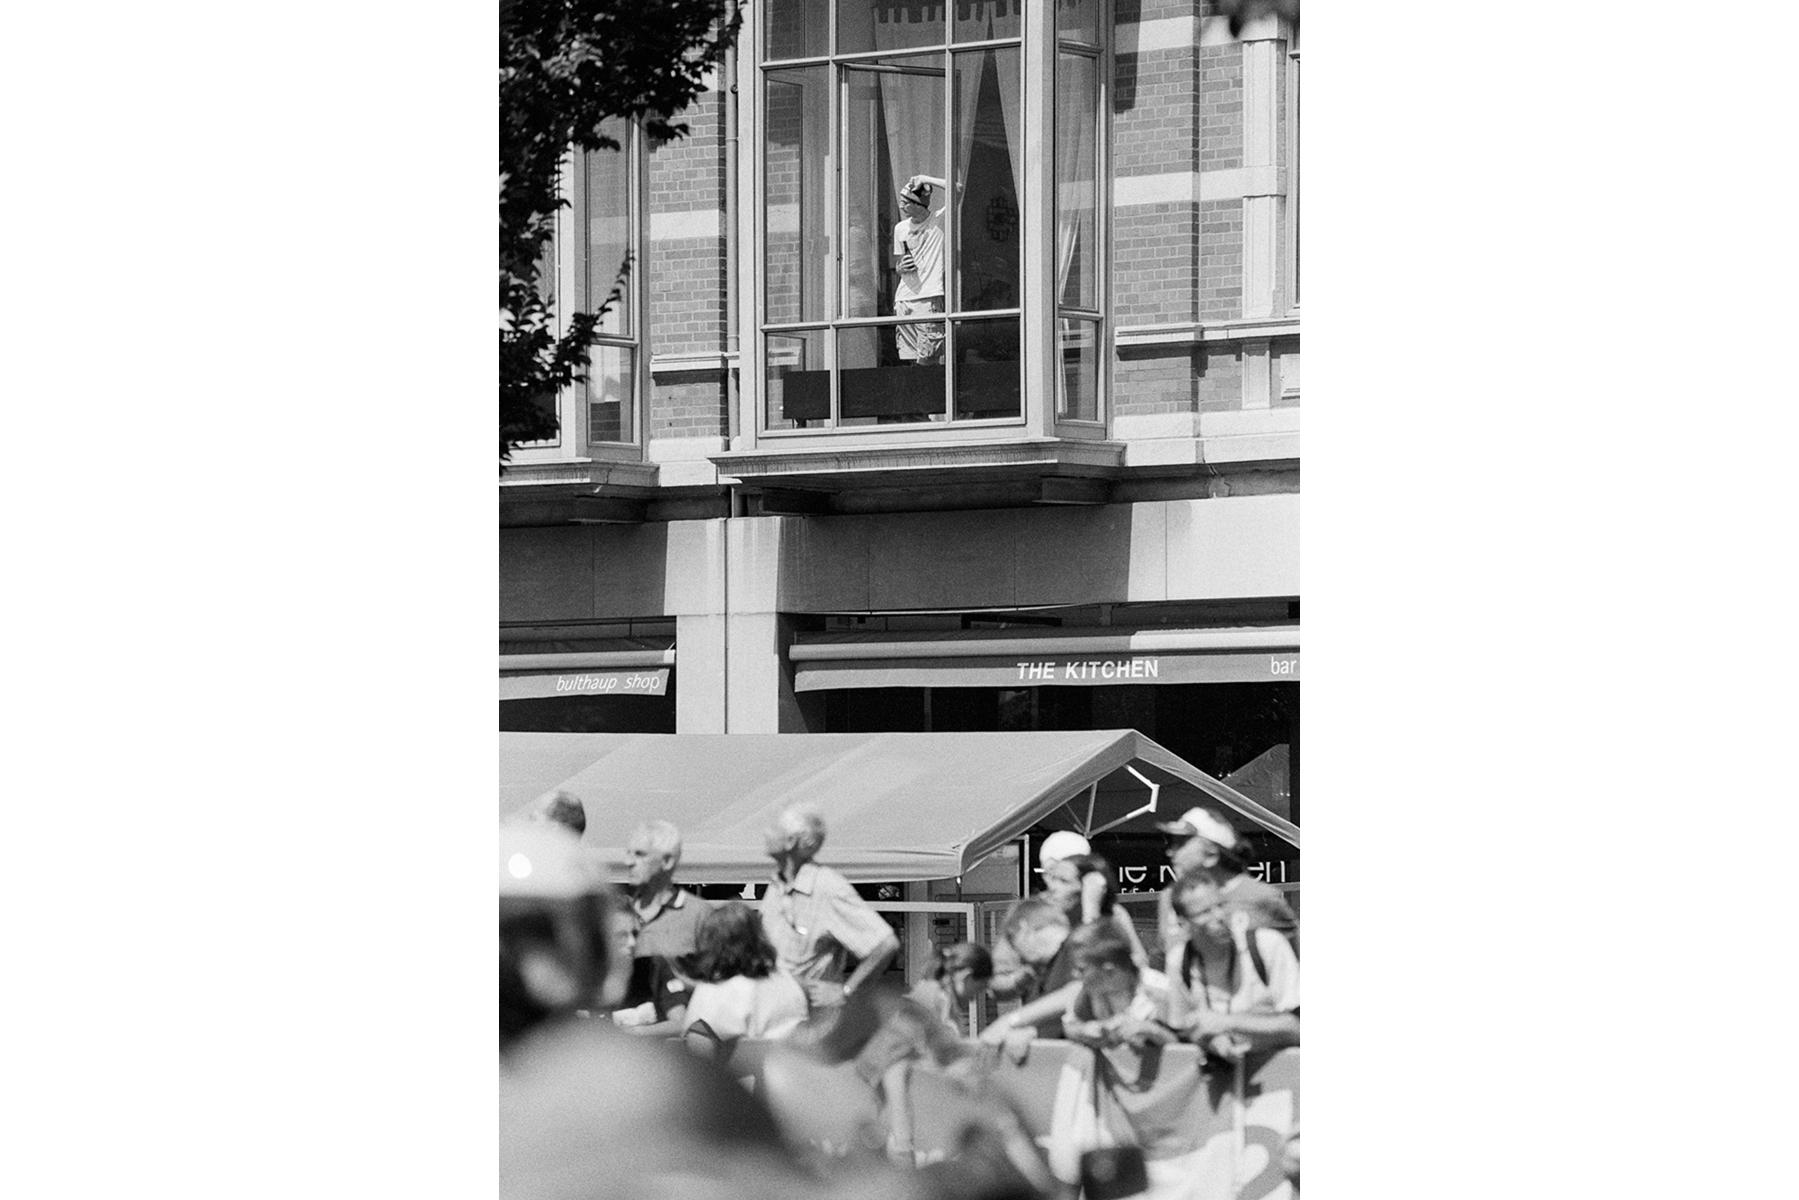 Le Tour de France 2012 Lucky are those living on the right floor. Heureux ceux qui vivent au bon étage. Glück haben die, die im richtigen Stockwerk wohnen. Tienen suerte los que viven en un piso con vistas.